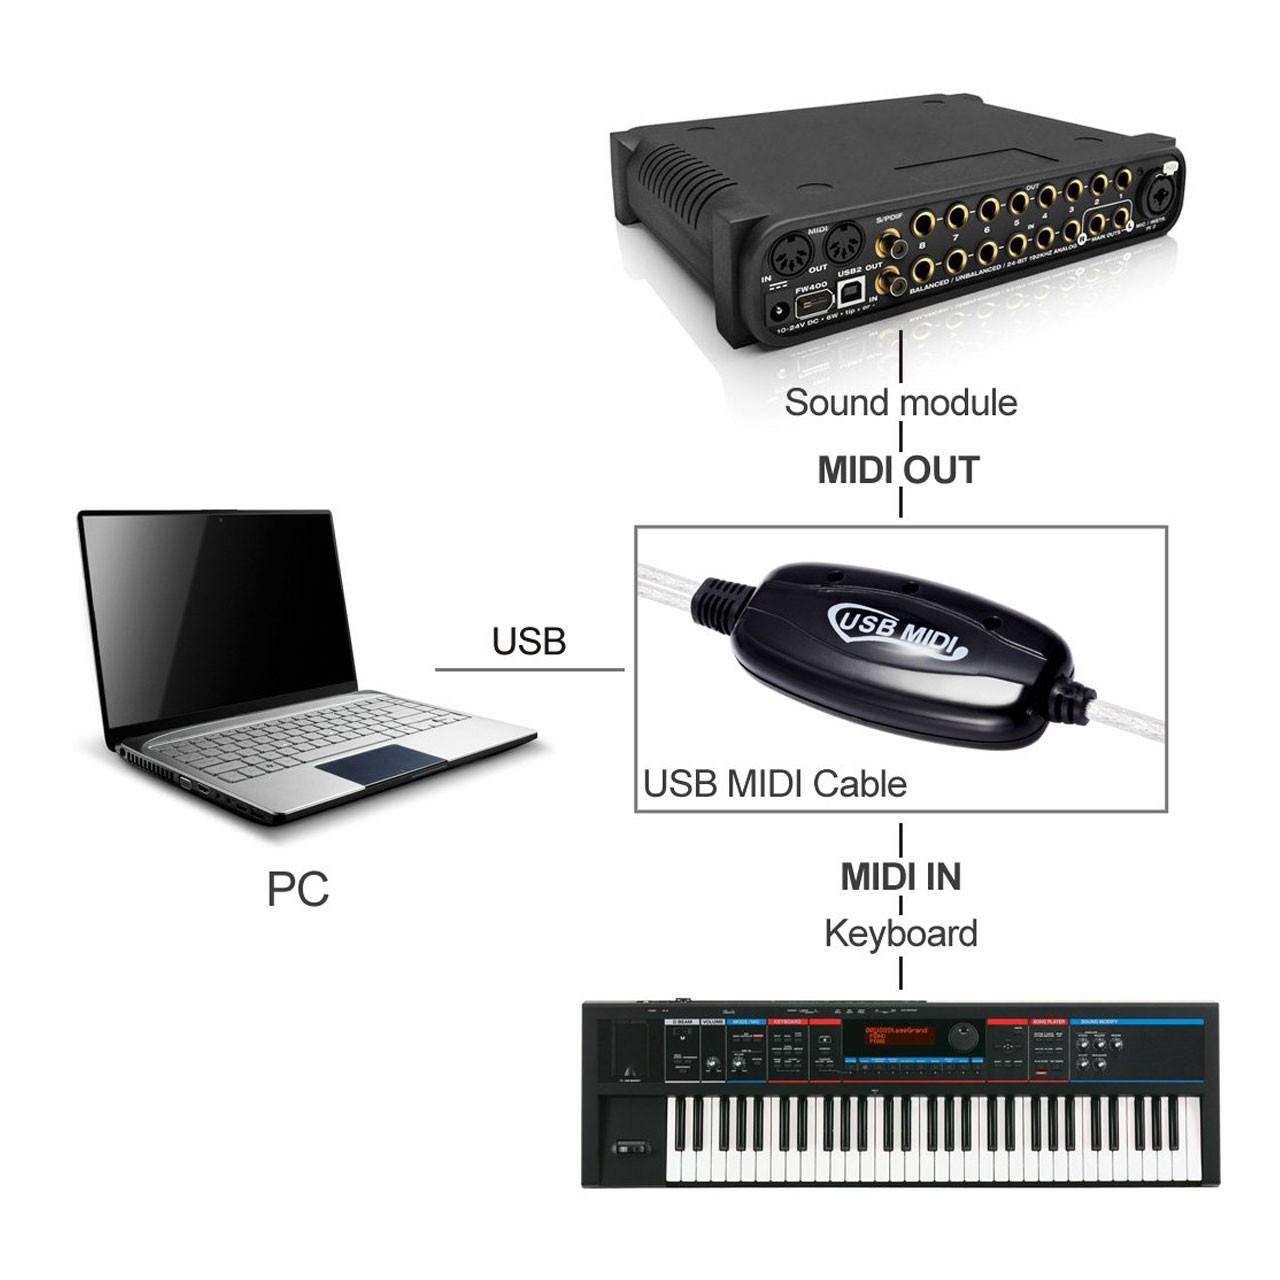 کابل اتصال USB به میدی برای پروگرام کیبورد و ارگ با کامپیوتر